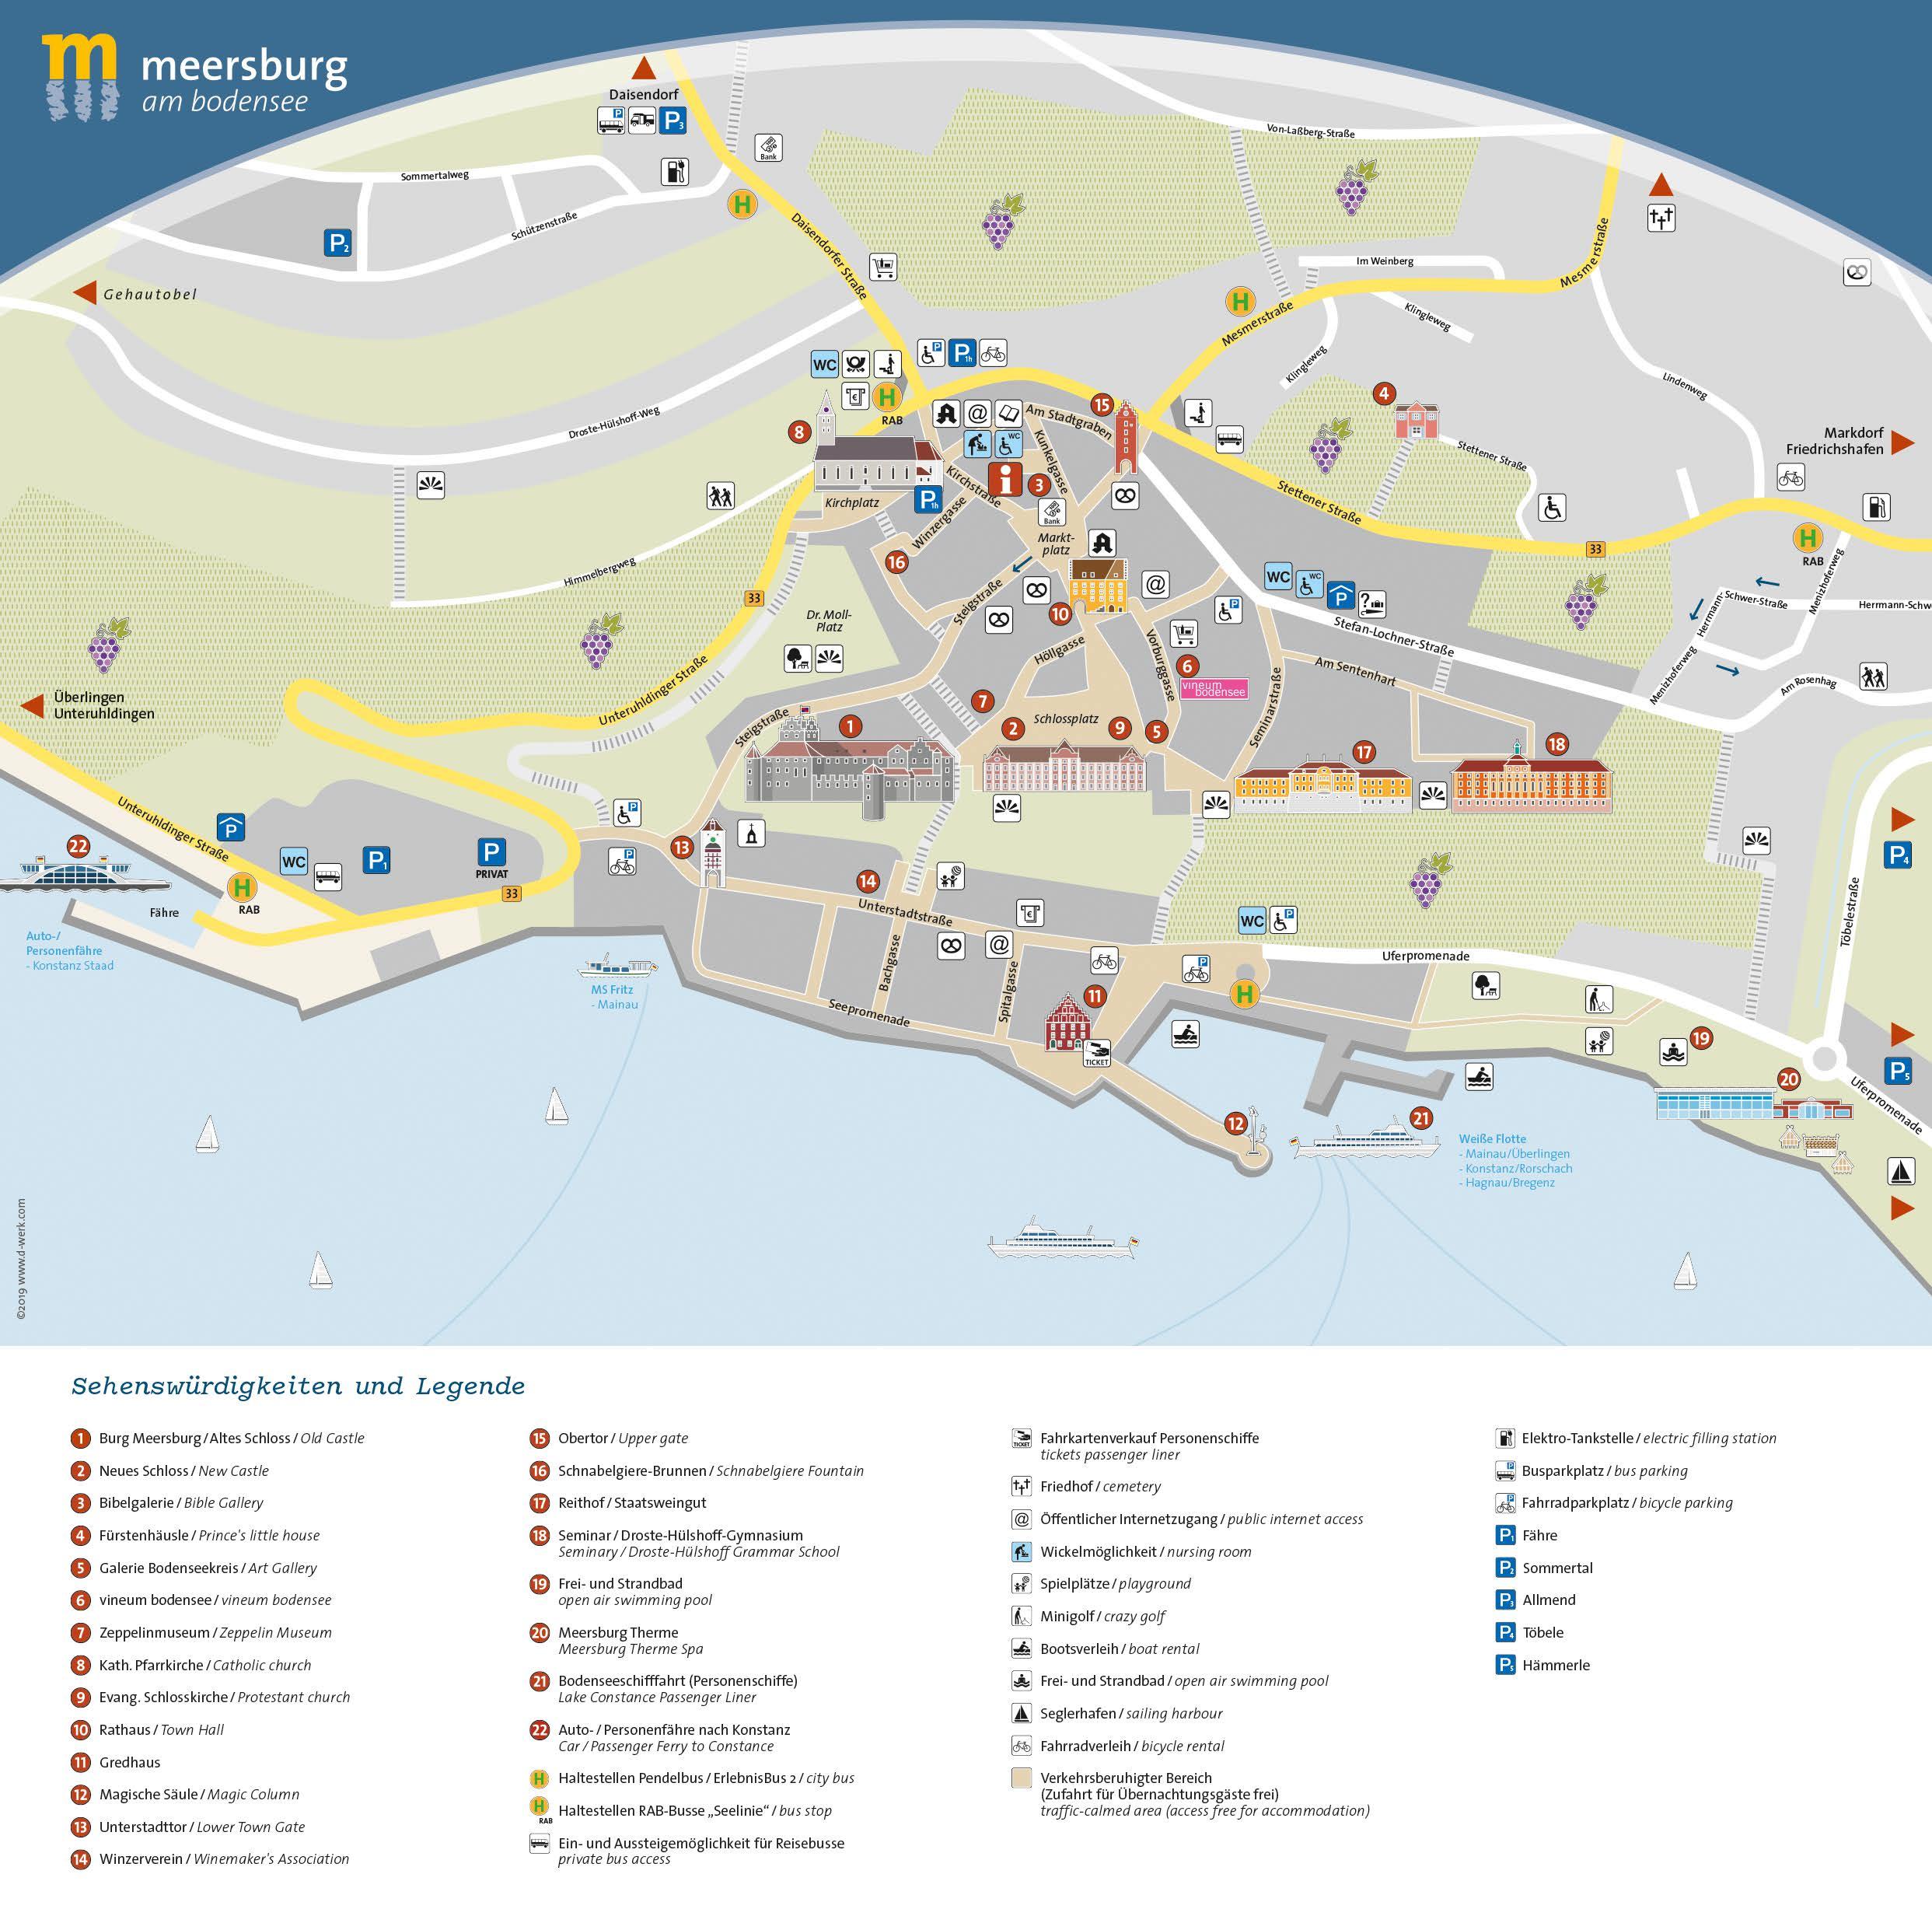 Stadtplan Meersburg